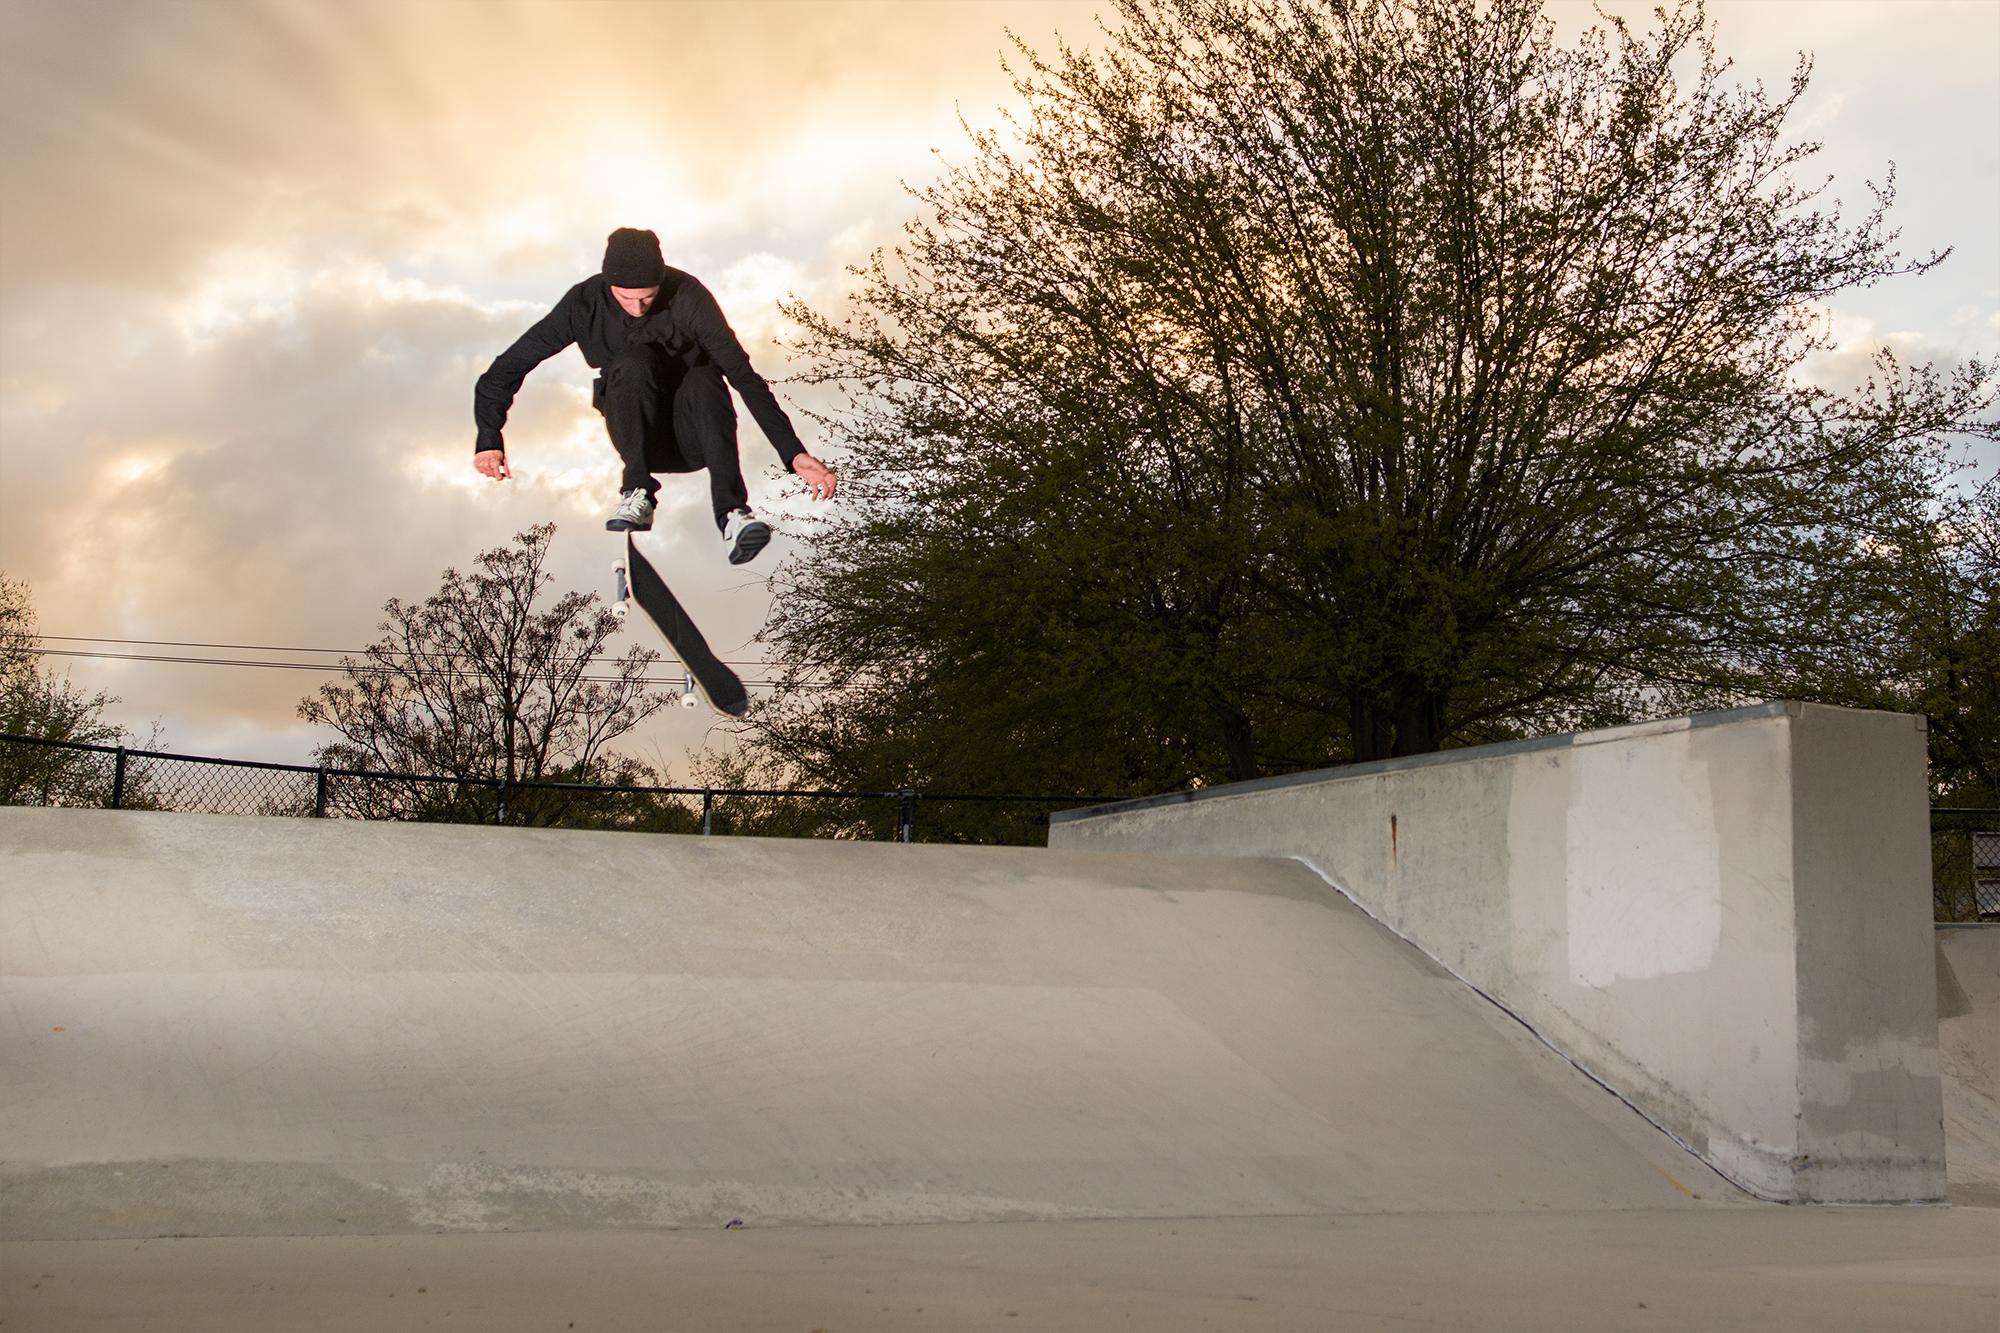 Brooks_D_Skate_07.jpg